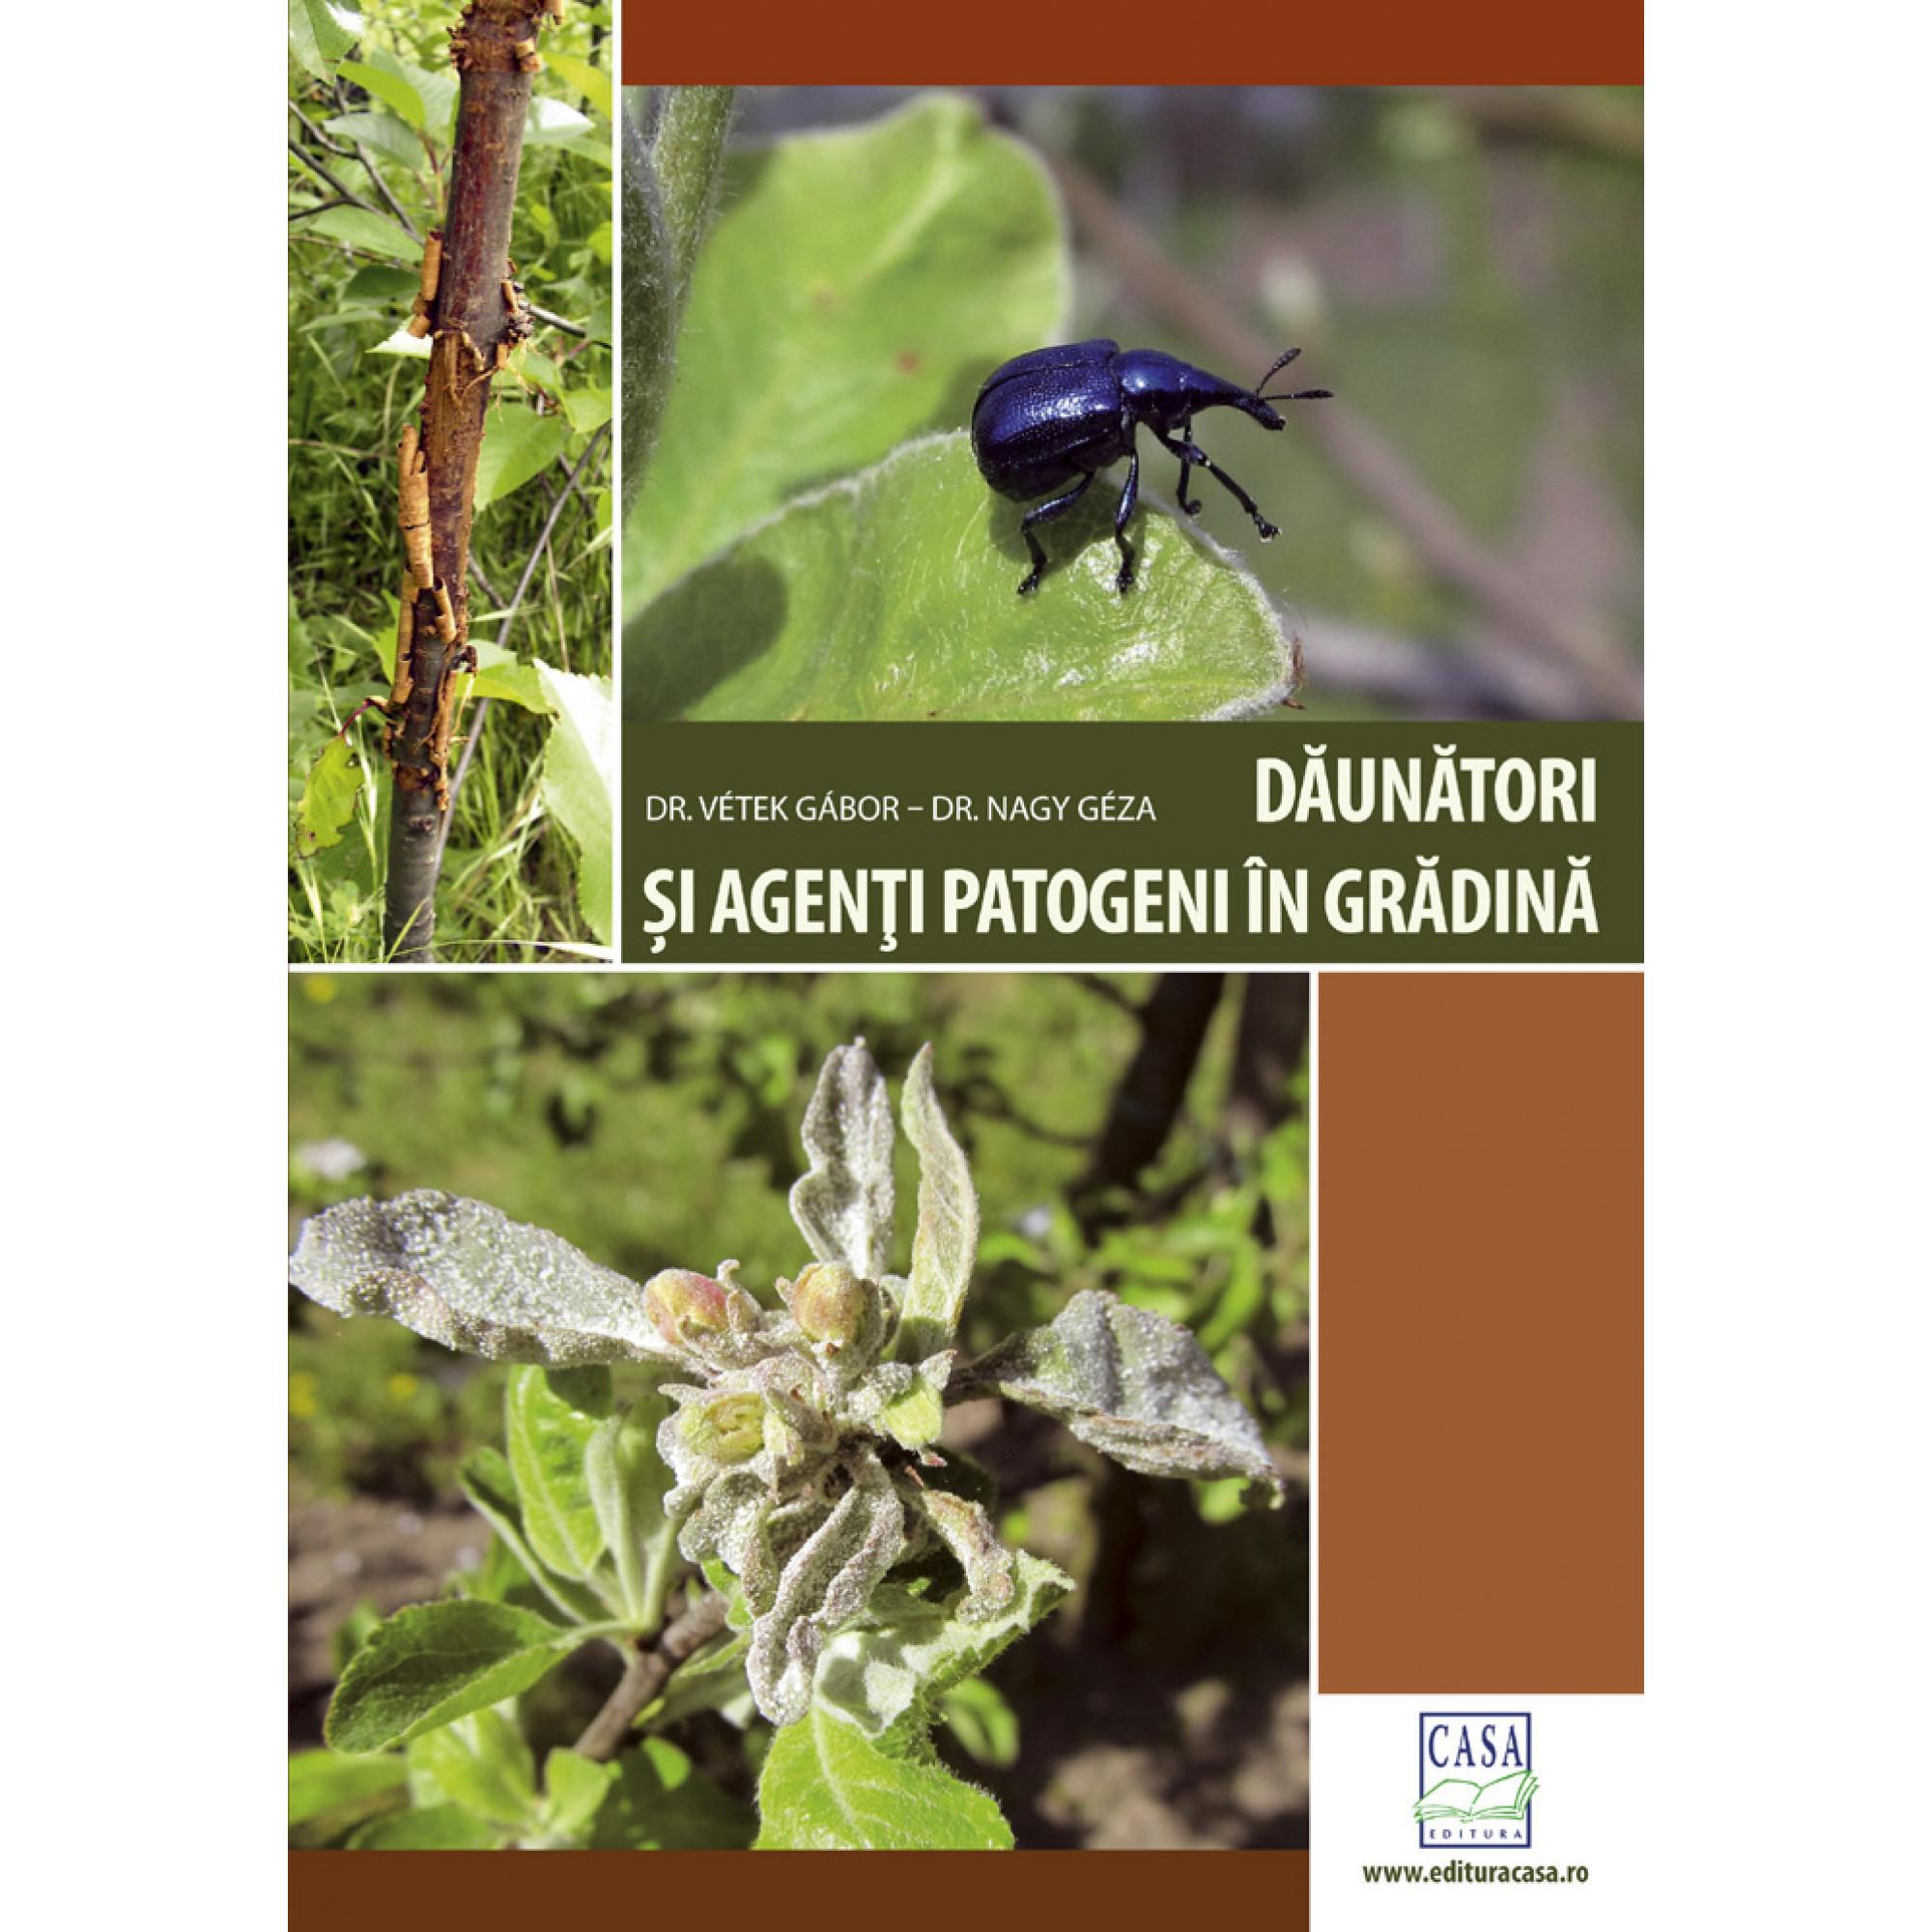 Dăunători şi agenți patogeni în grădină